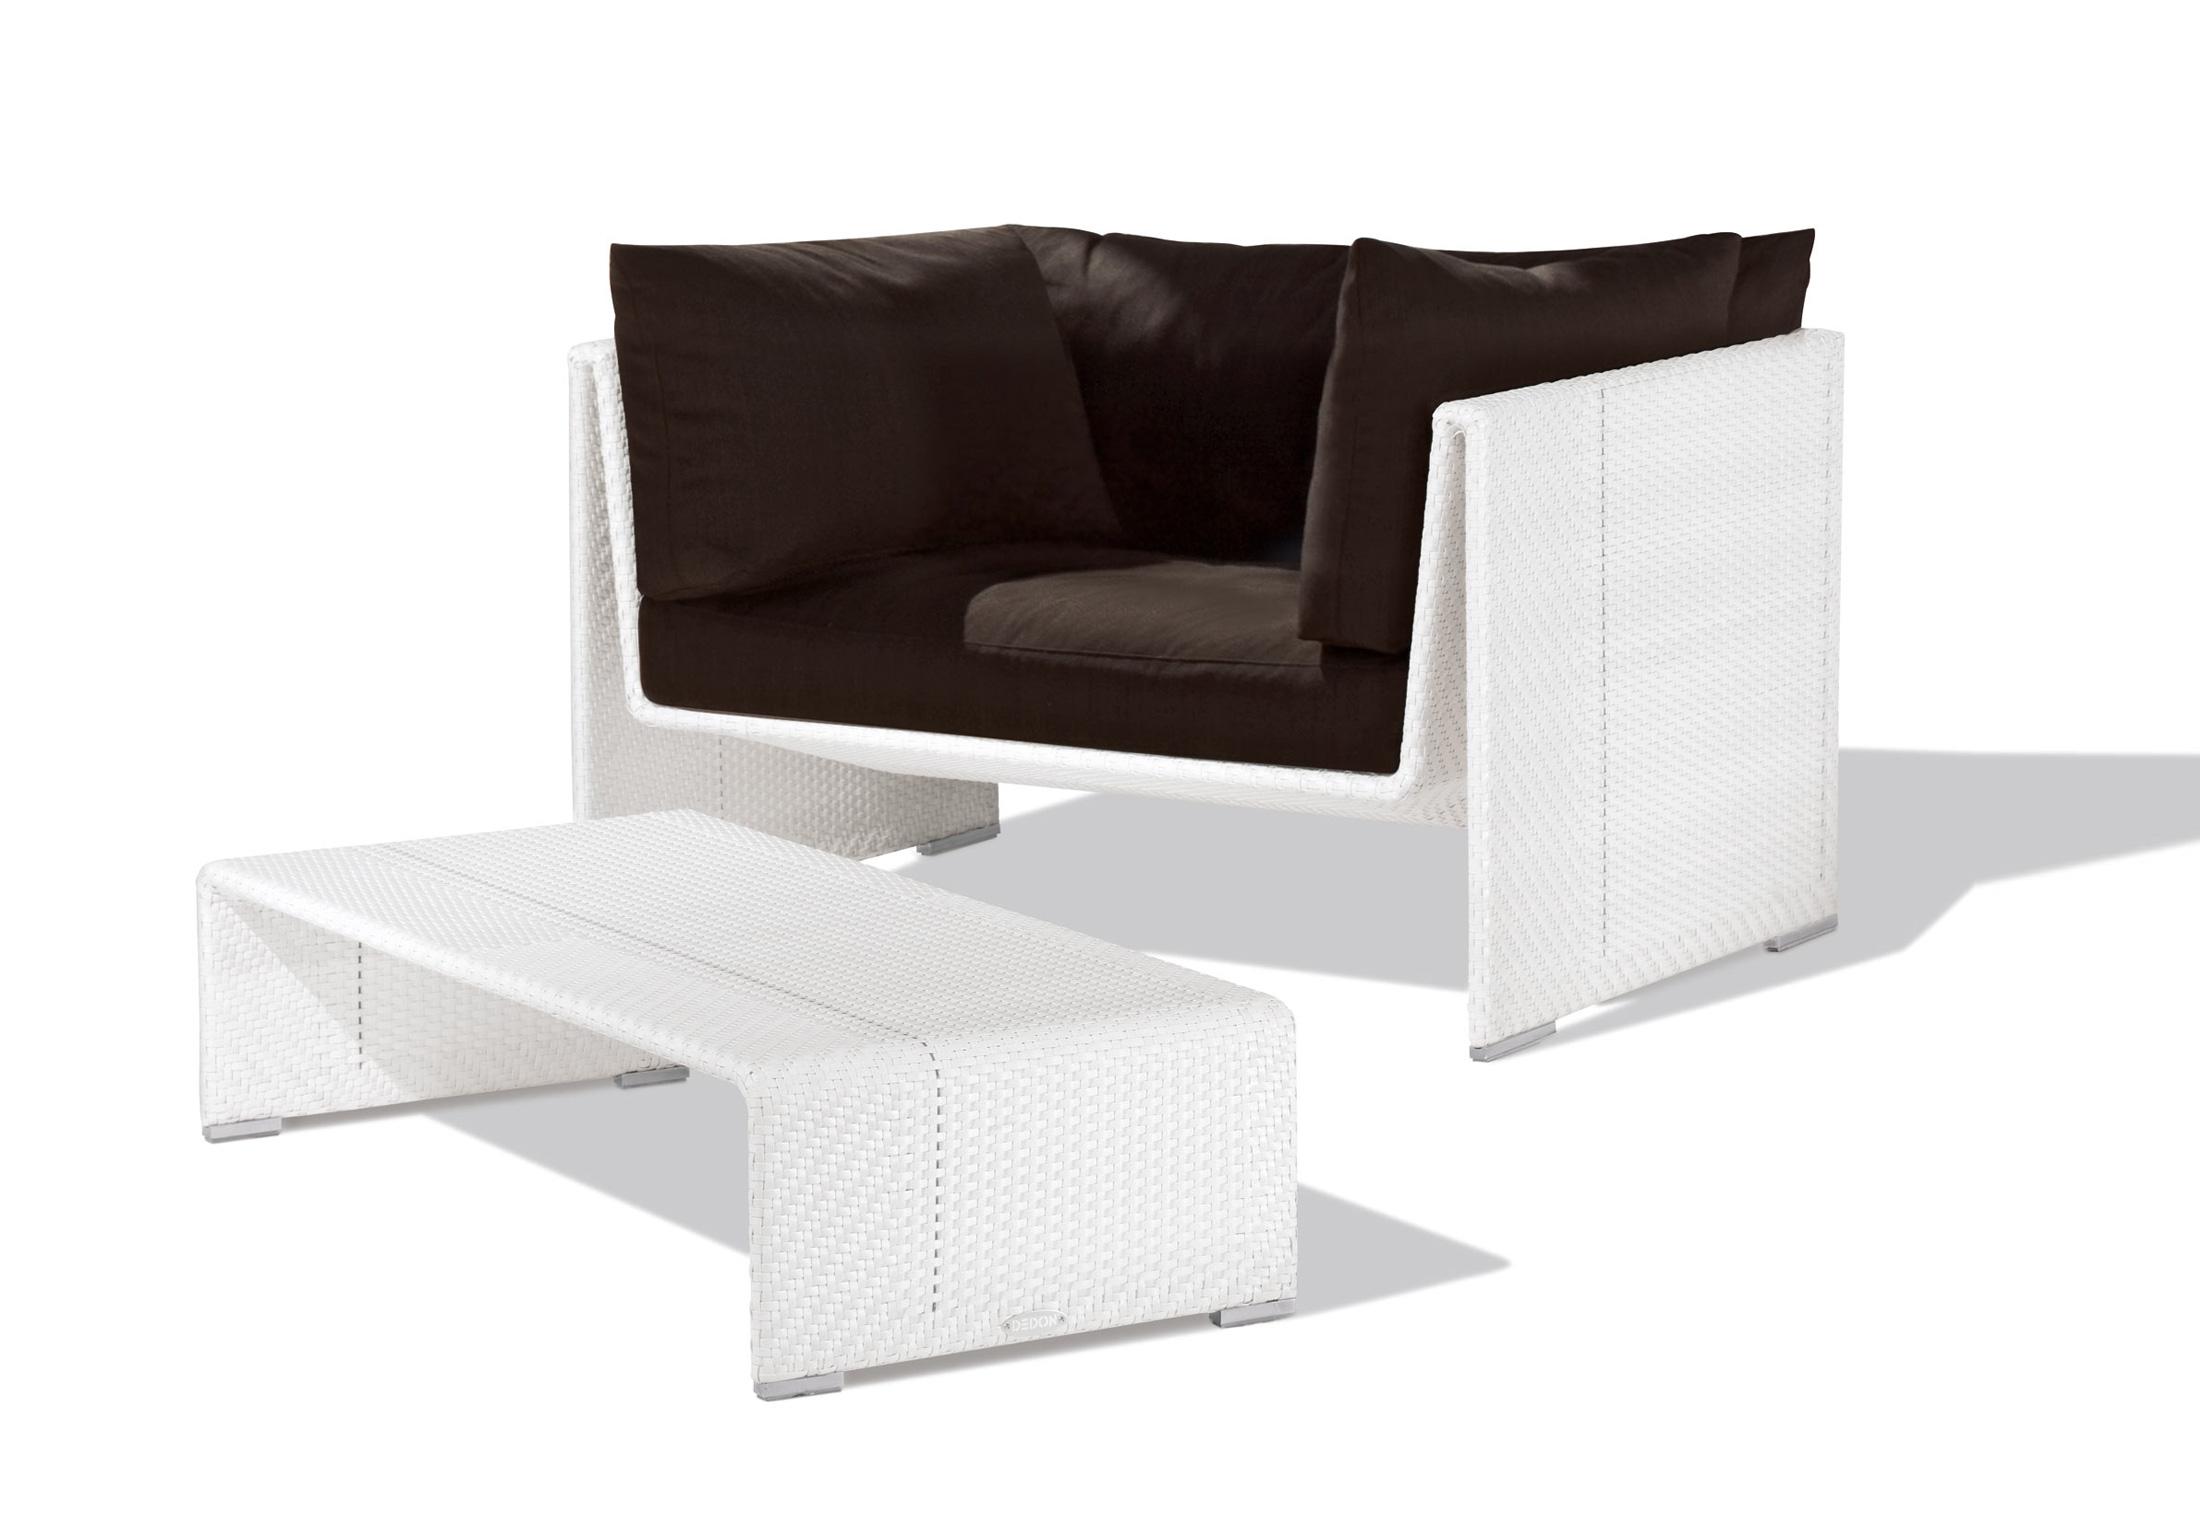 Outstanding Slime Line Lounge Chair By Dedon Stylepark Short Links Chair Design For Home Short Linksinfo